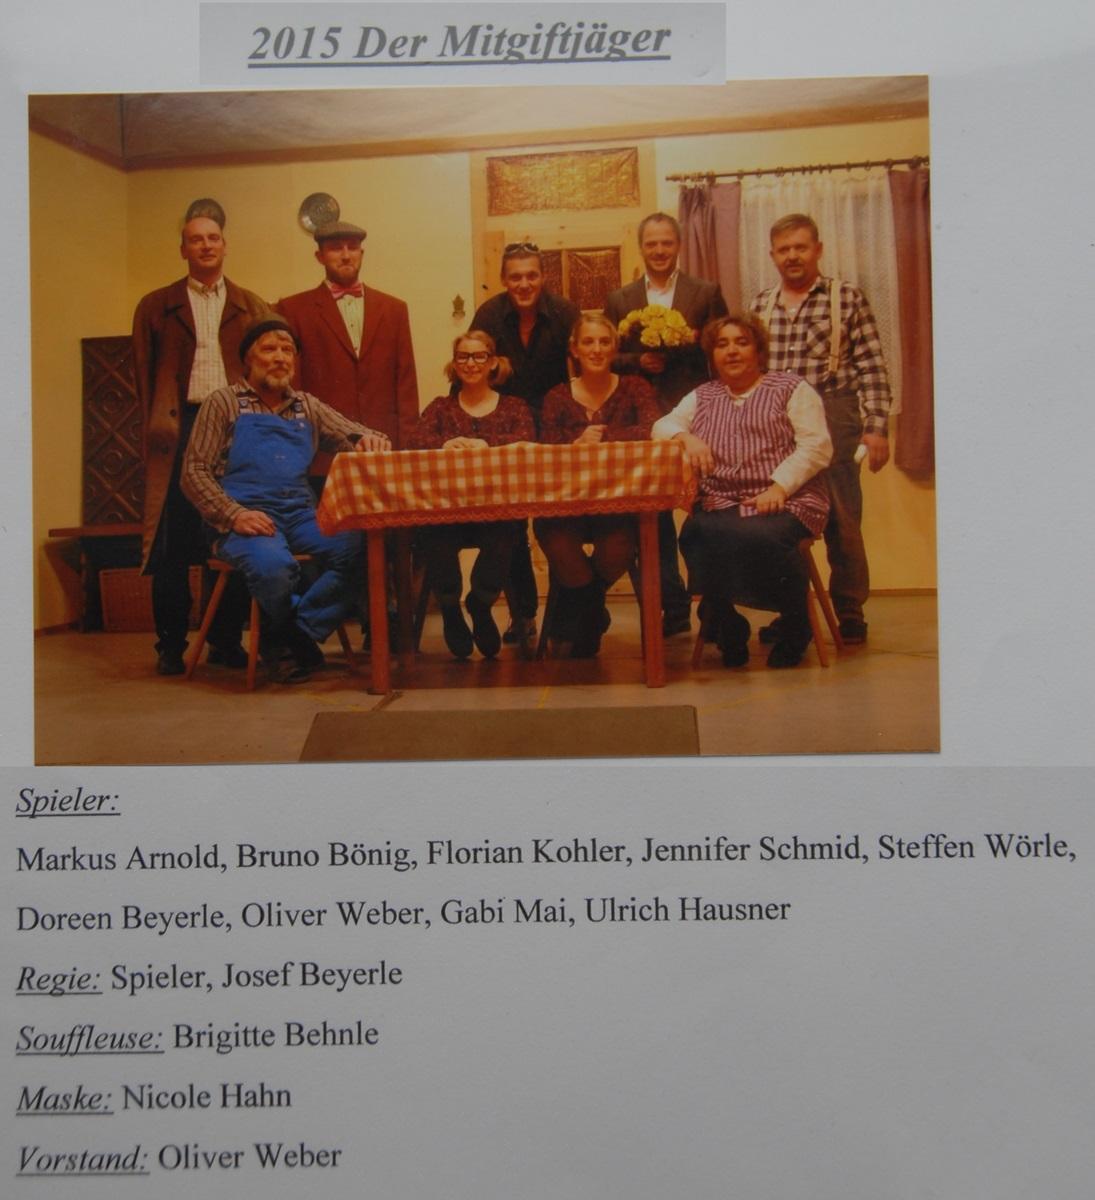 KSC-Theater-2015-Der-Mitgiftjñger